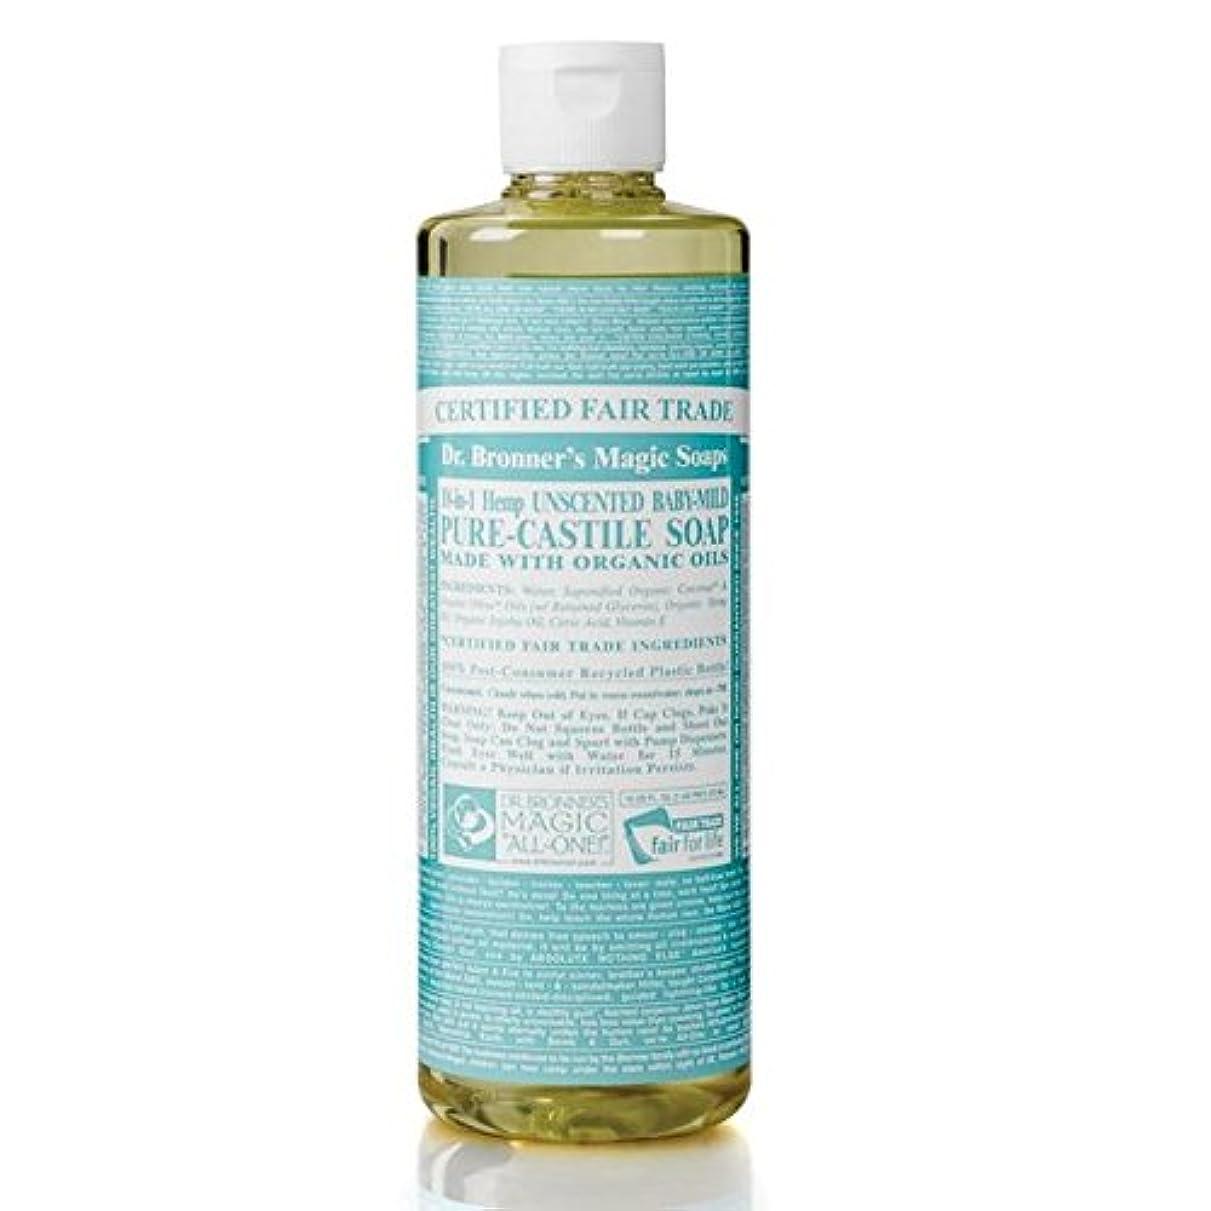 割り当てますまろやかな泣き叫ぶDr Bronner Organic Baby Mild Castile Liquid Soap 473ml (Pack of 6) - のブロナーオーガニックベビーマイルドなカスティーリャ液体石鹸473ミリリットル x6...